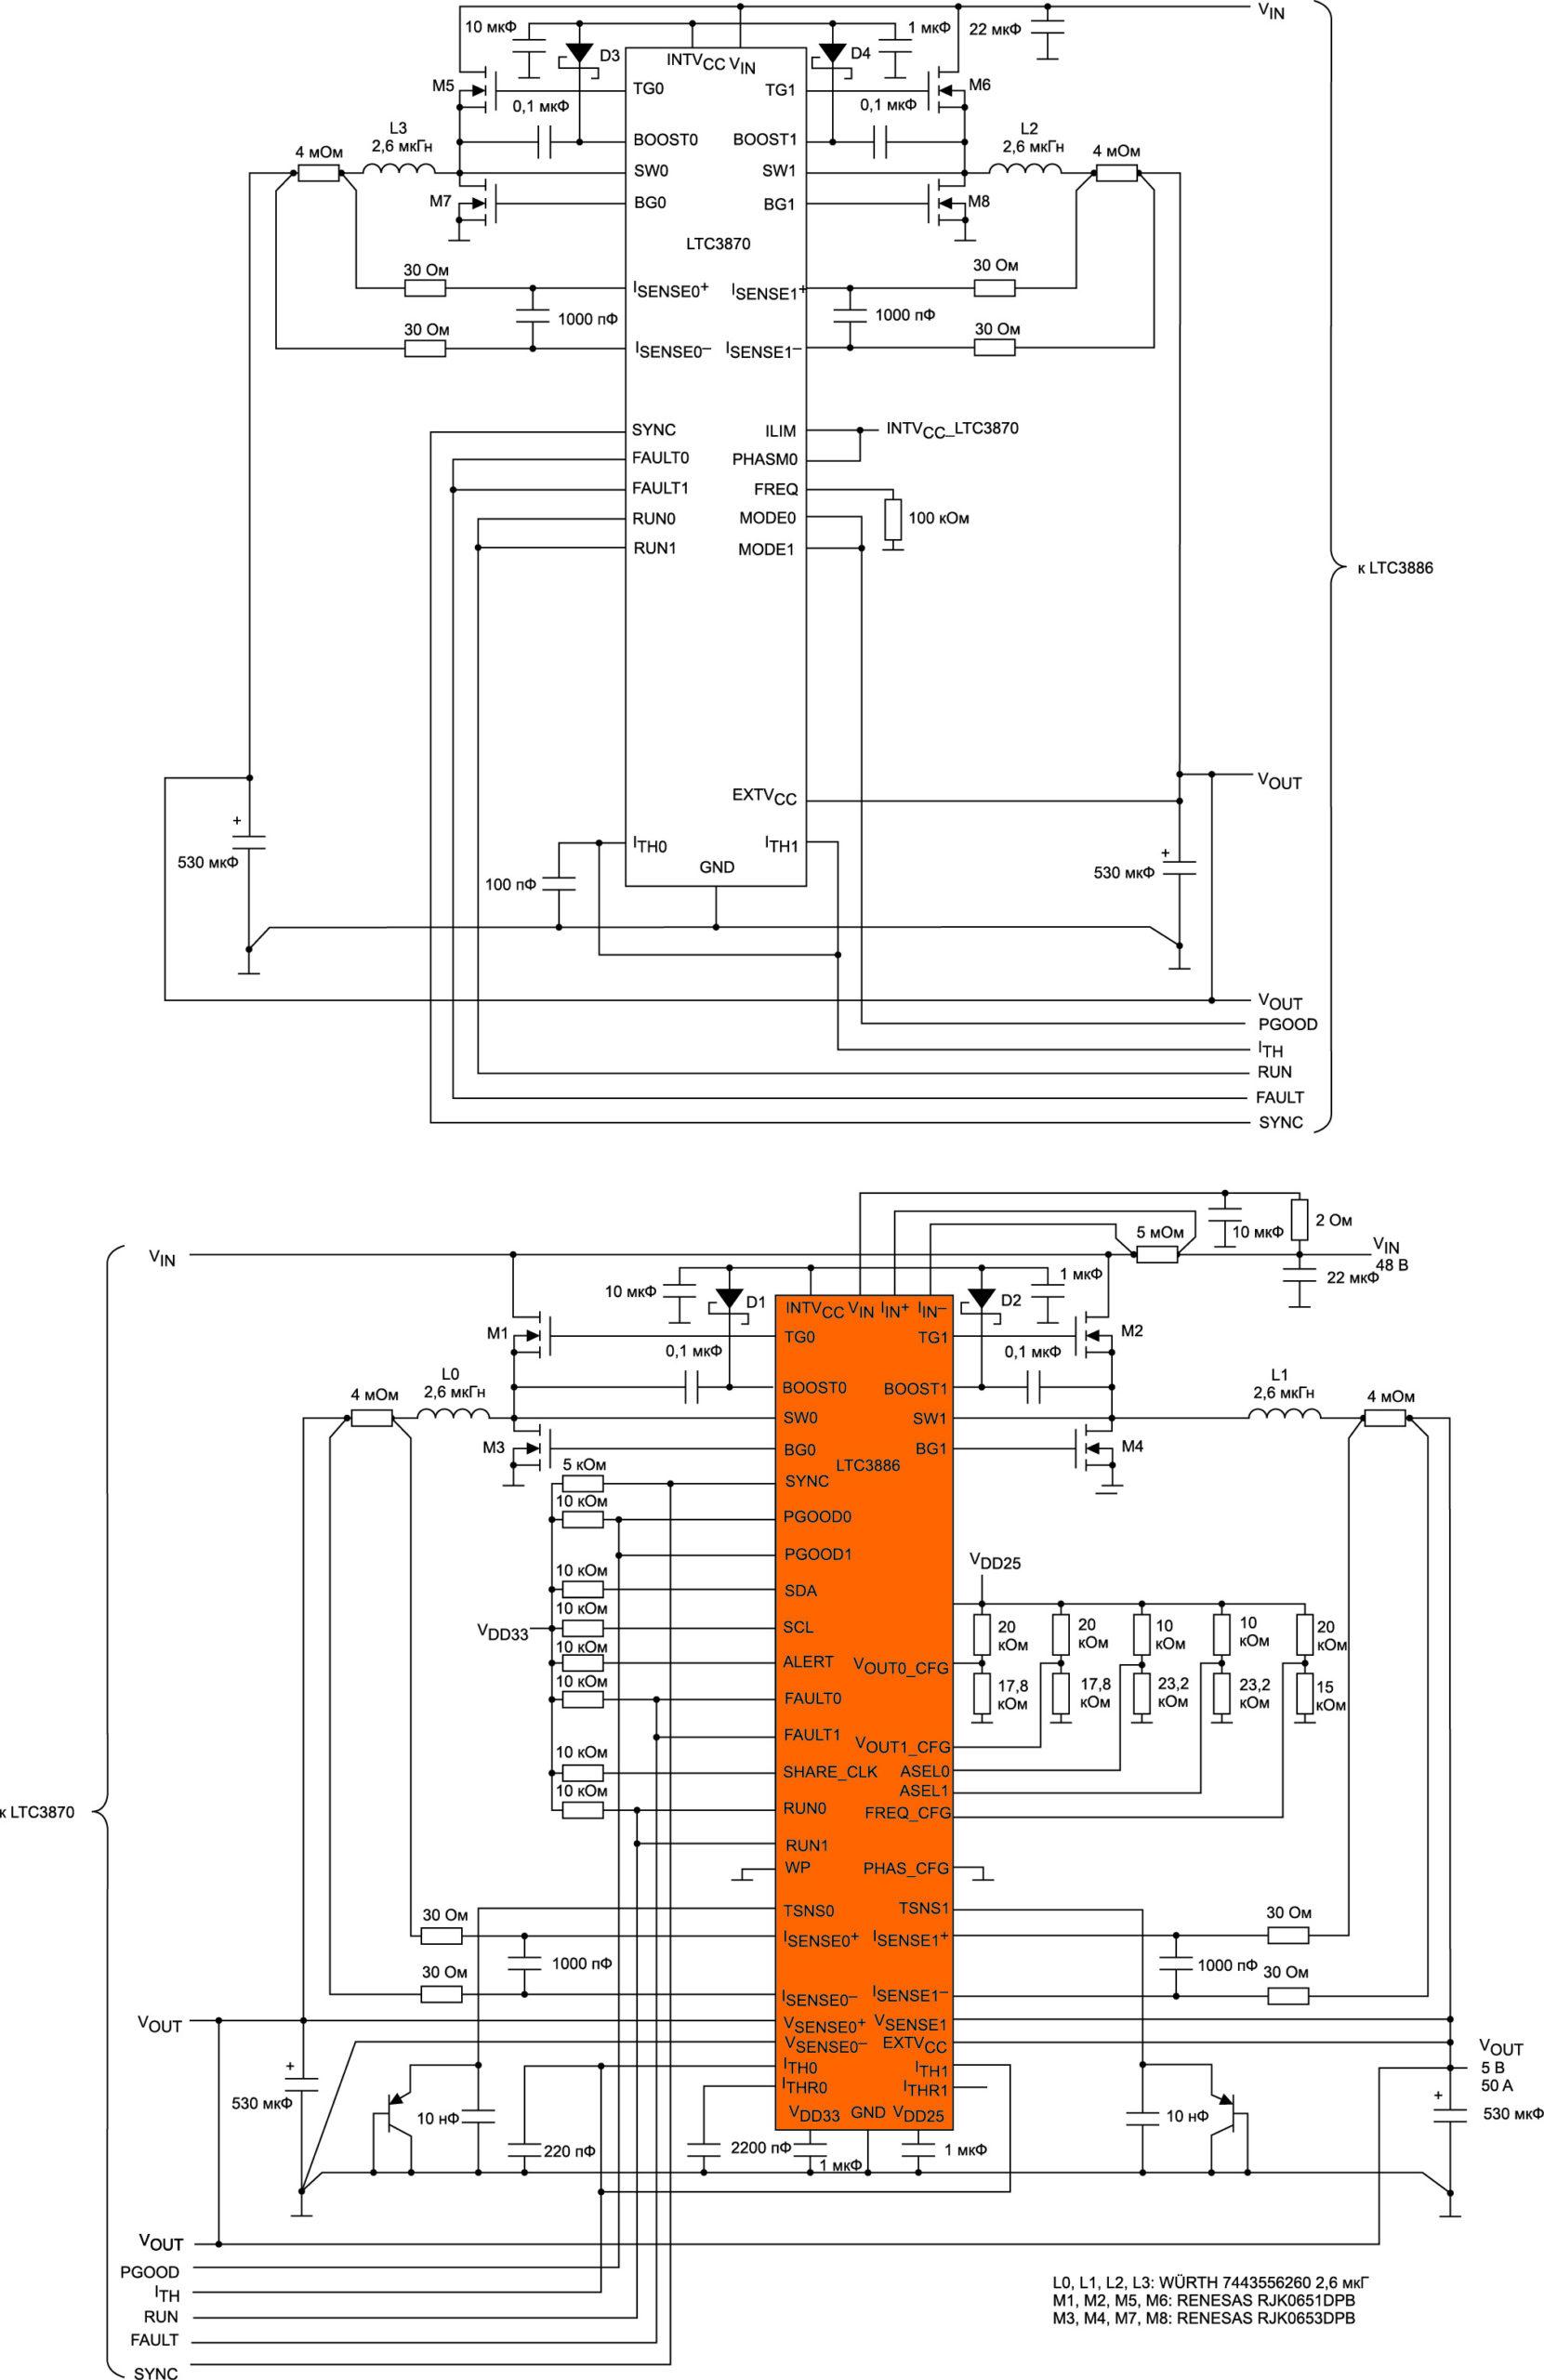 Высокоэффективный понижающий преобразователь на базе фазового расширителя LTC3870 с контроллером LTC3886 (425-кГц четырехфазный, с входным напряжением 48 В и выходным 5 В, 50 А)